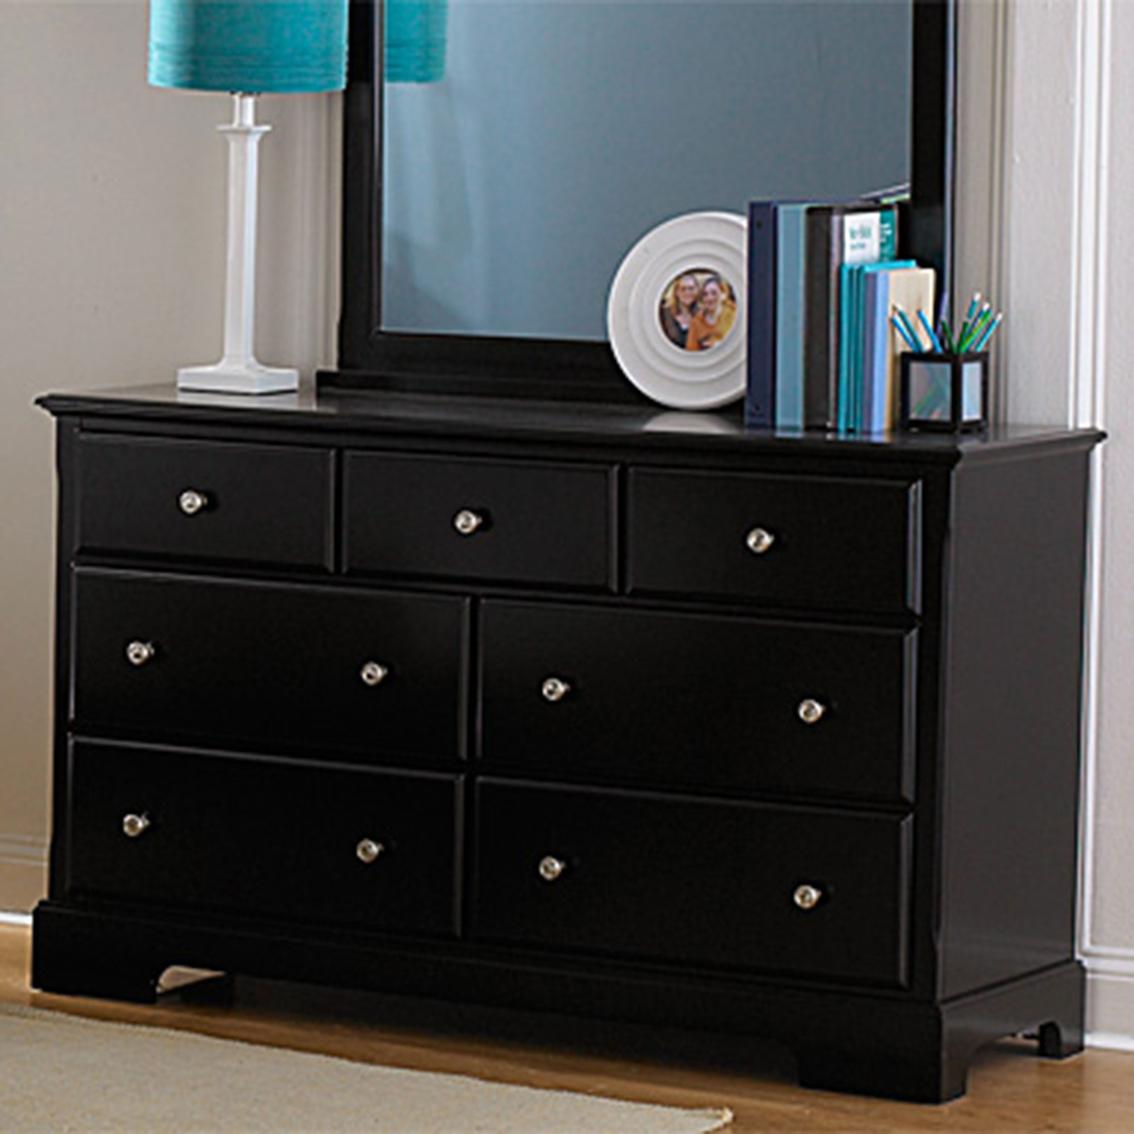 Homelegance morelle 7 drawer dresser dressers home for 12 inch depth dresser